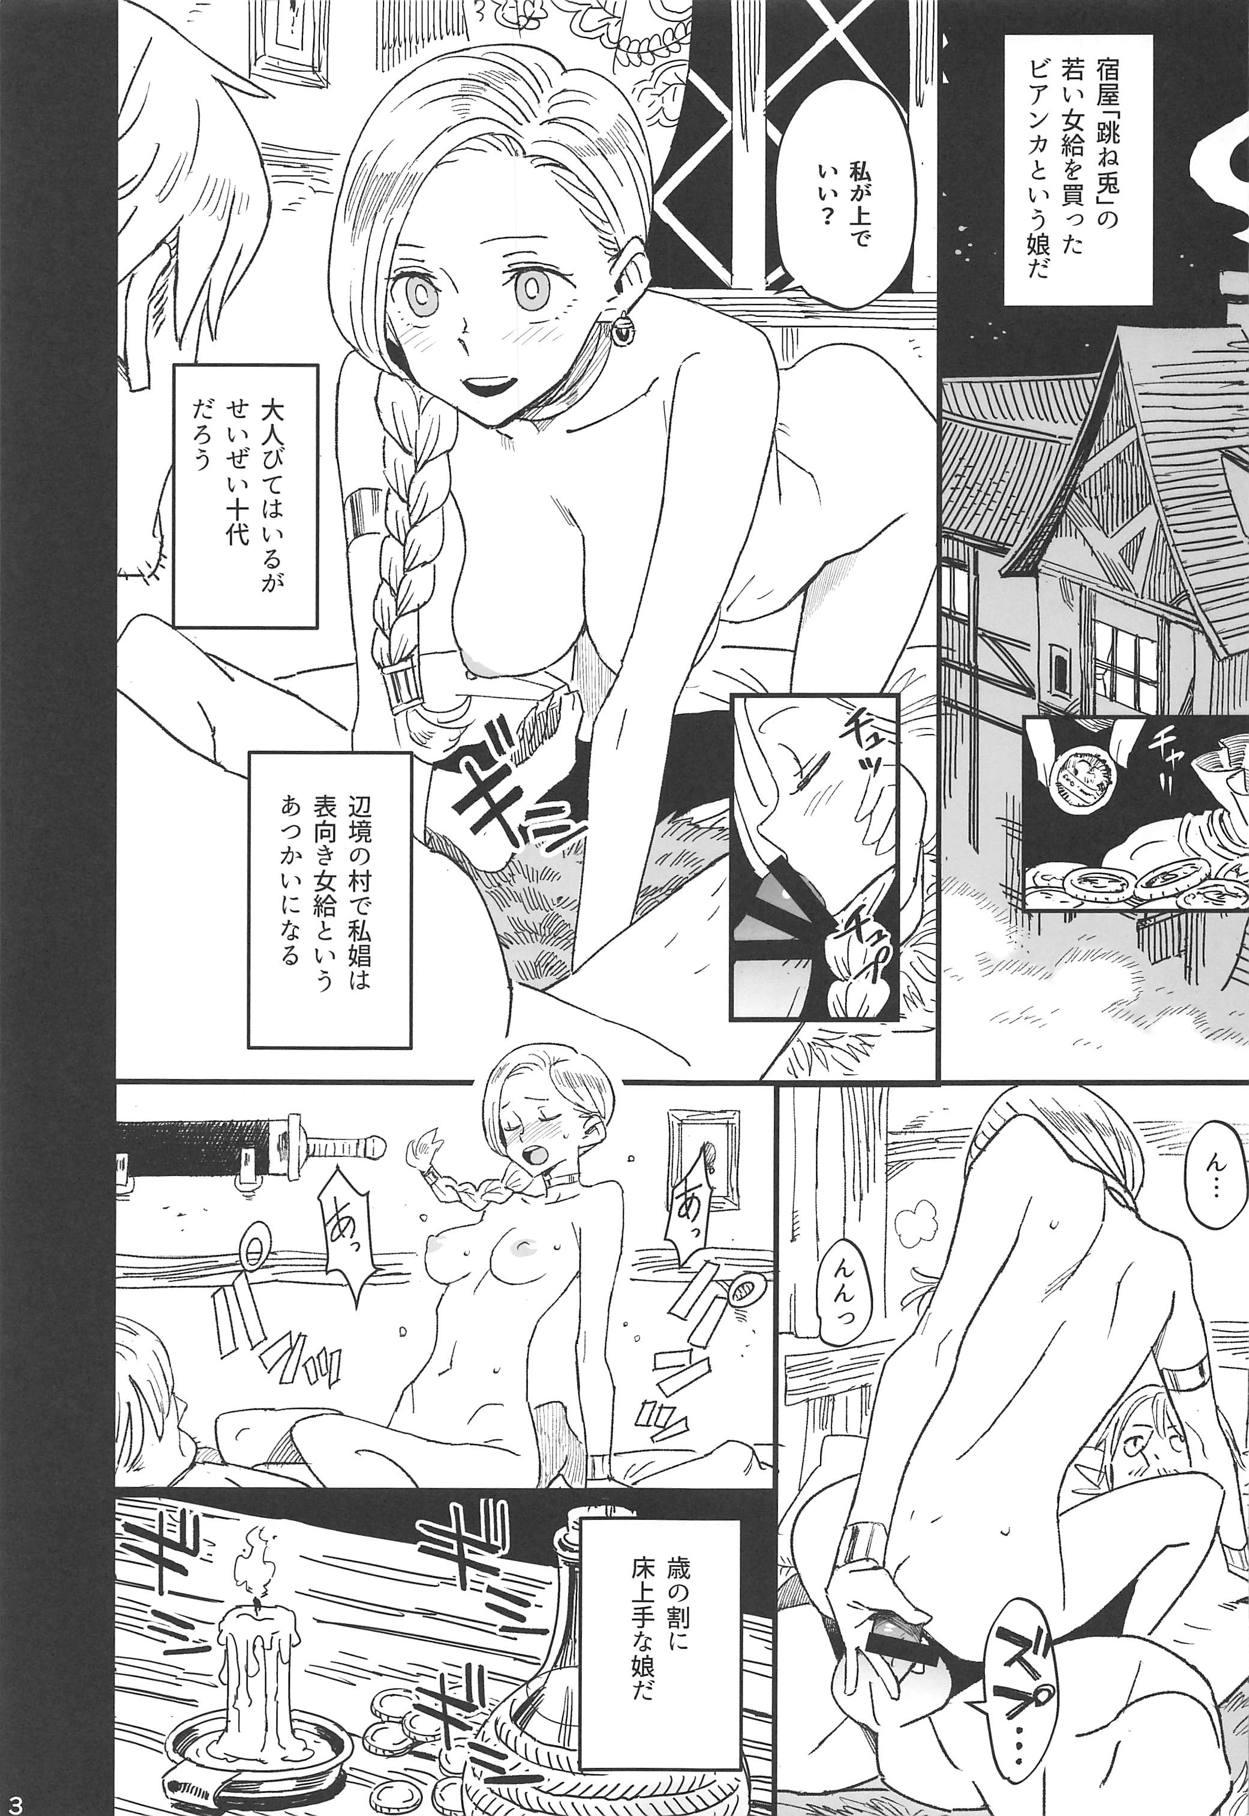 【エロ漫画】(COMIC1☆15)表向きは宿屋の女給で夜は娼婦をしているビアンカ…アナルまで開発され名器と人気をはくしていたが馬のモンスターに脅迫され規格外チンポの餌食にされてしまうwww【キザキ:まものの花嫁】